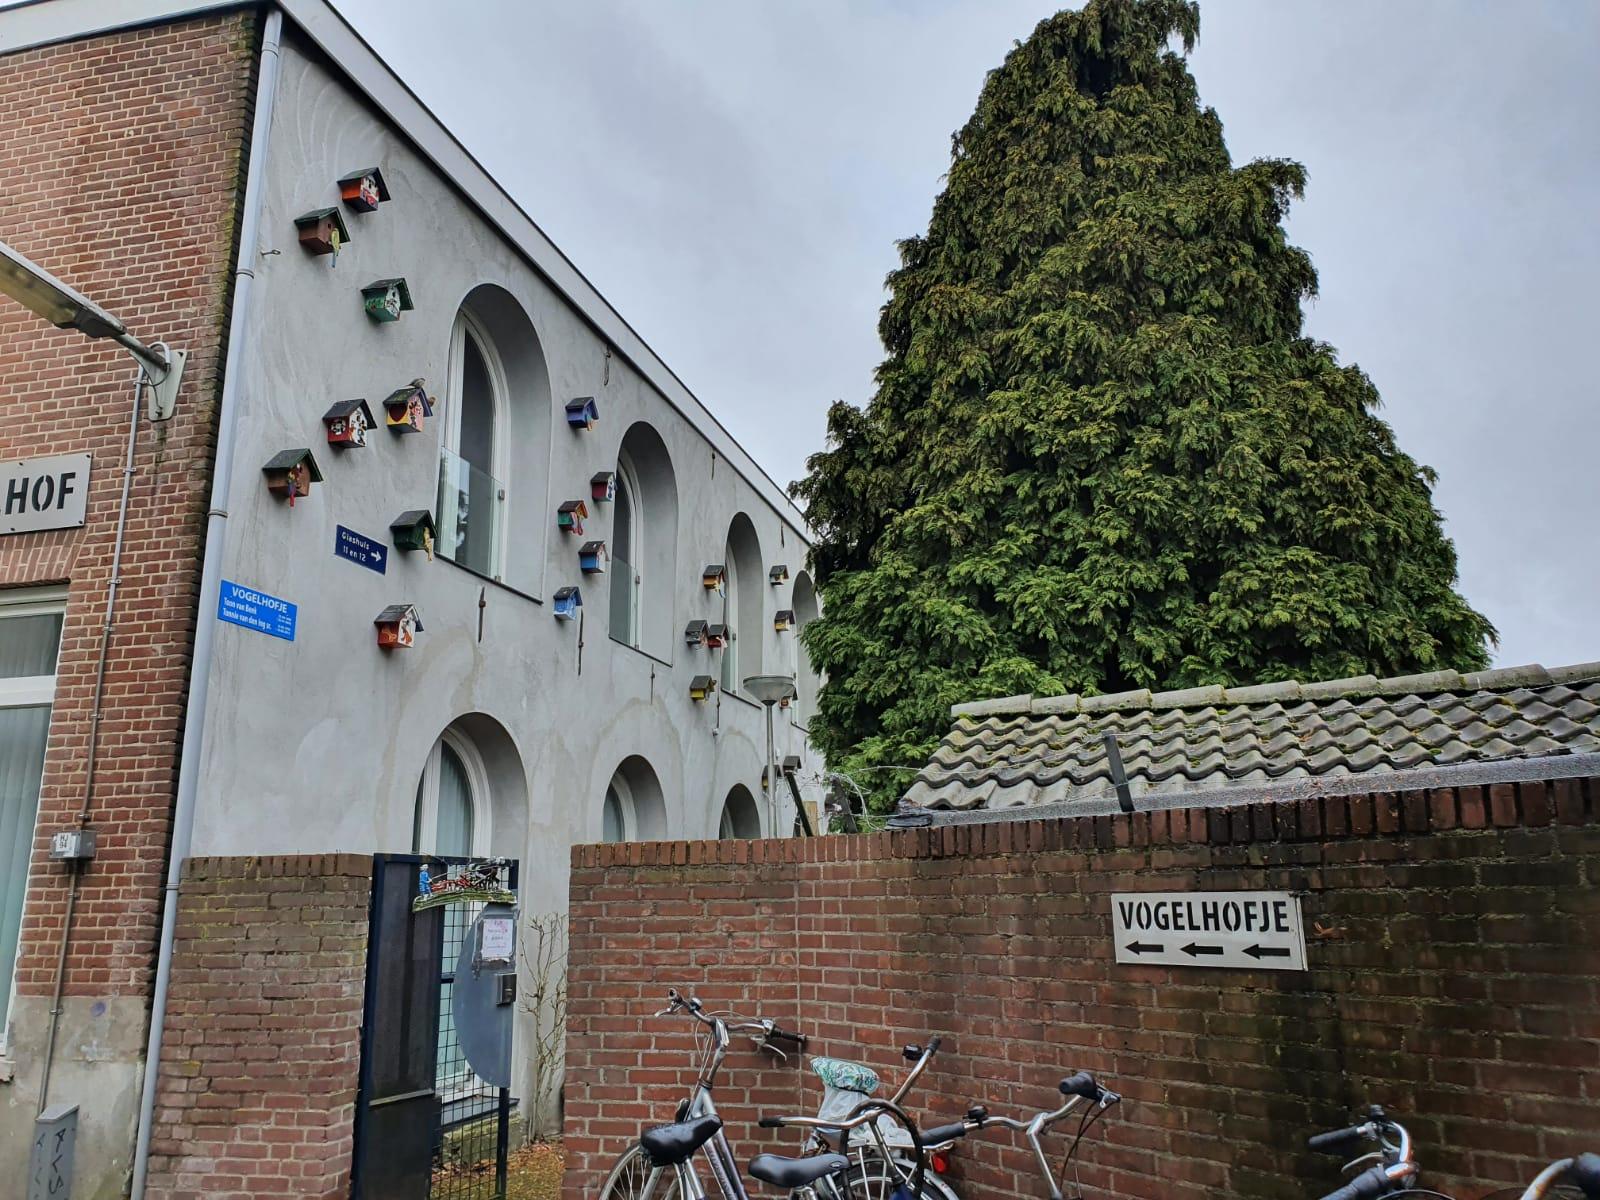 Vogelhofje in Nijmegen